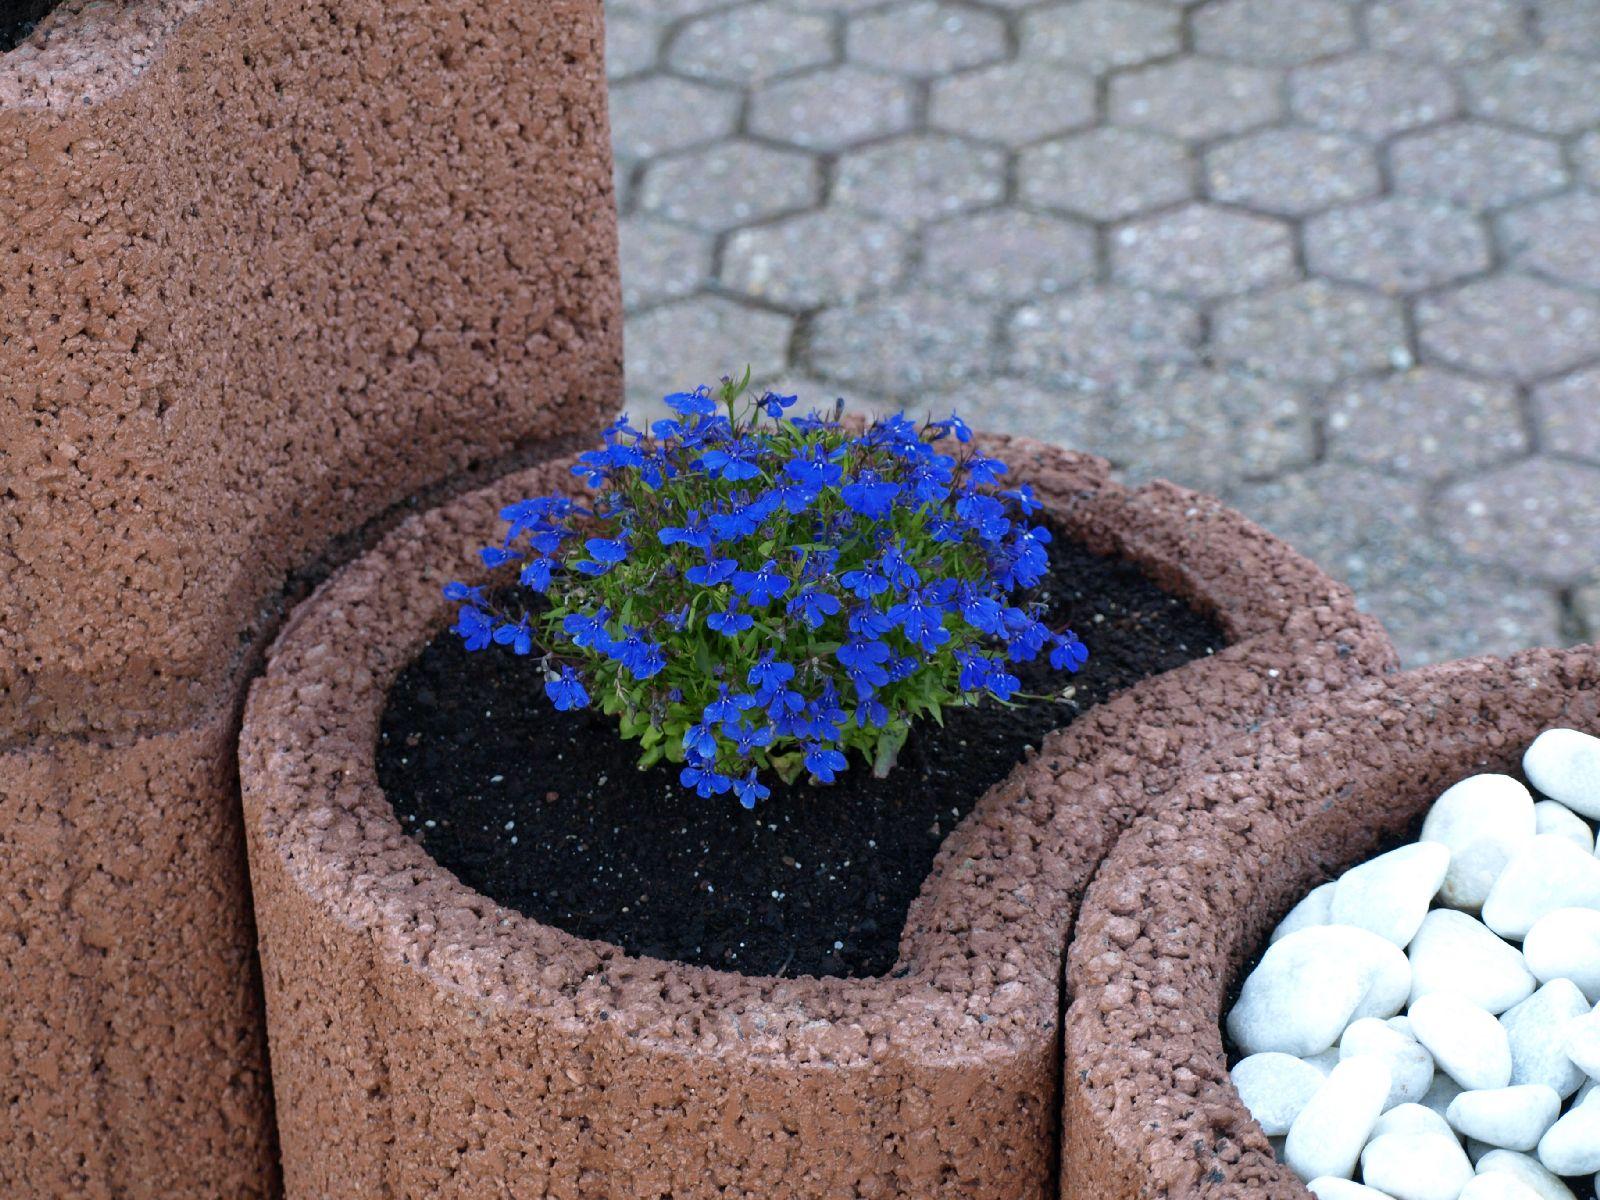 Pflanzen-Blumen-Foto_Textur_B_P6153466